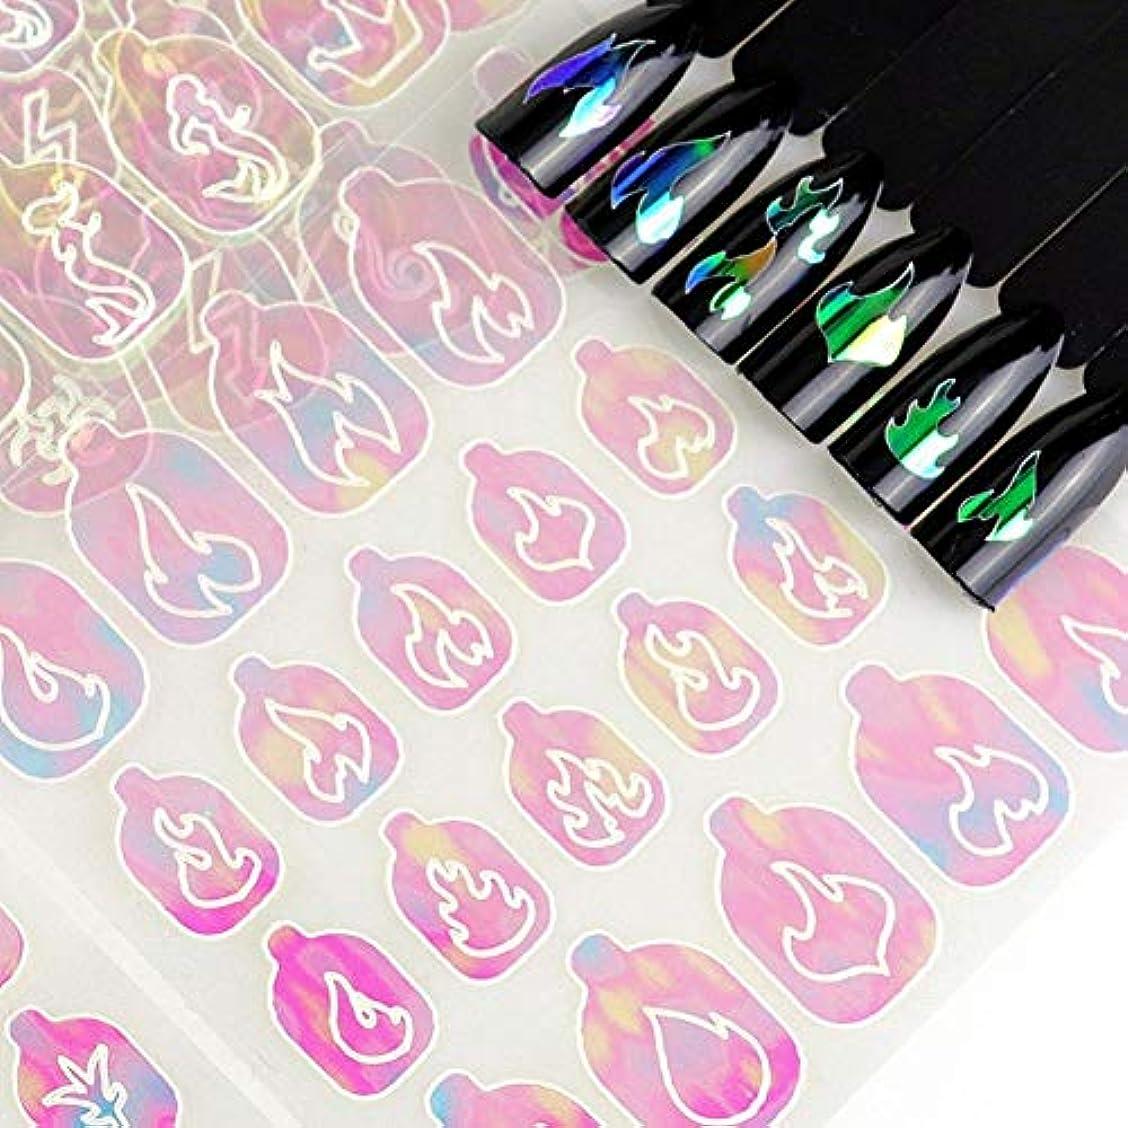 磁石マイク枠farlong マルチカラーネイルホローステッカーサロン3Dネイルアート great gift